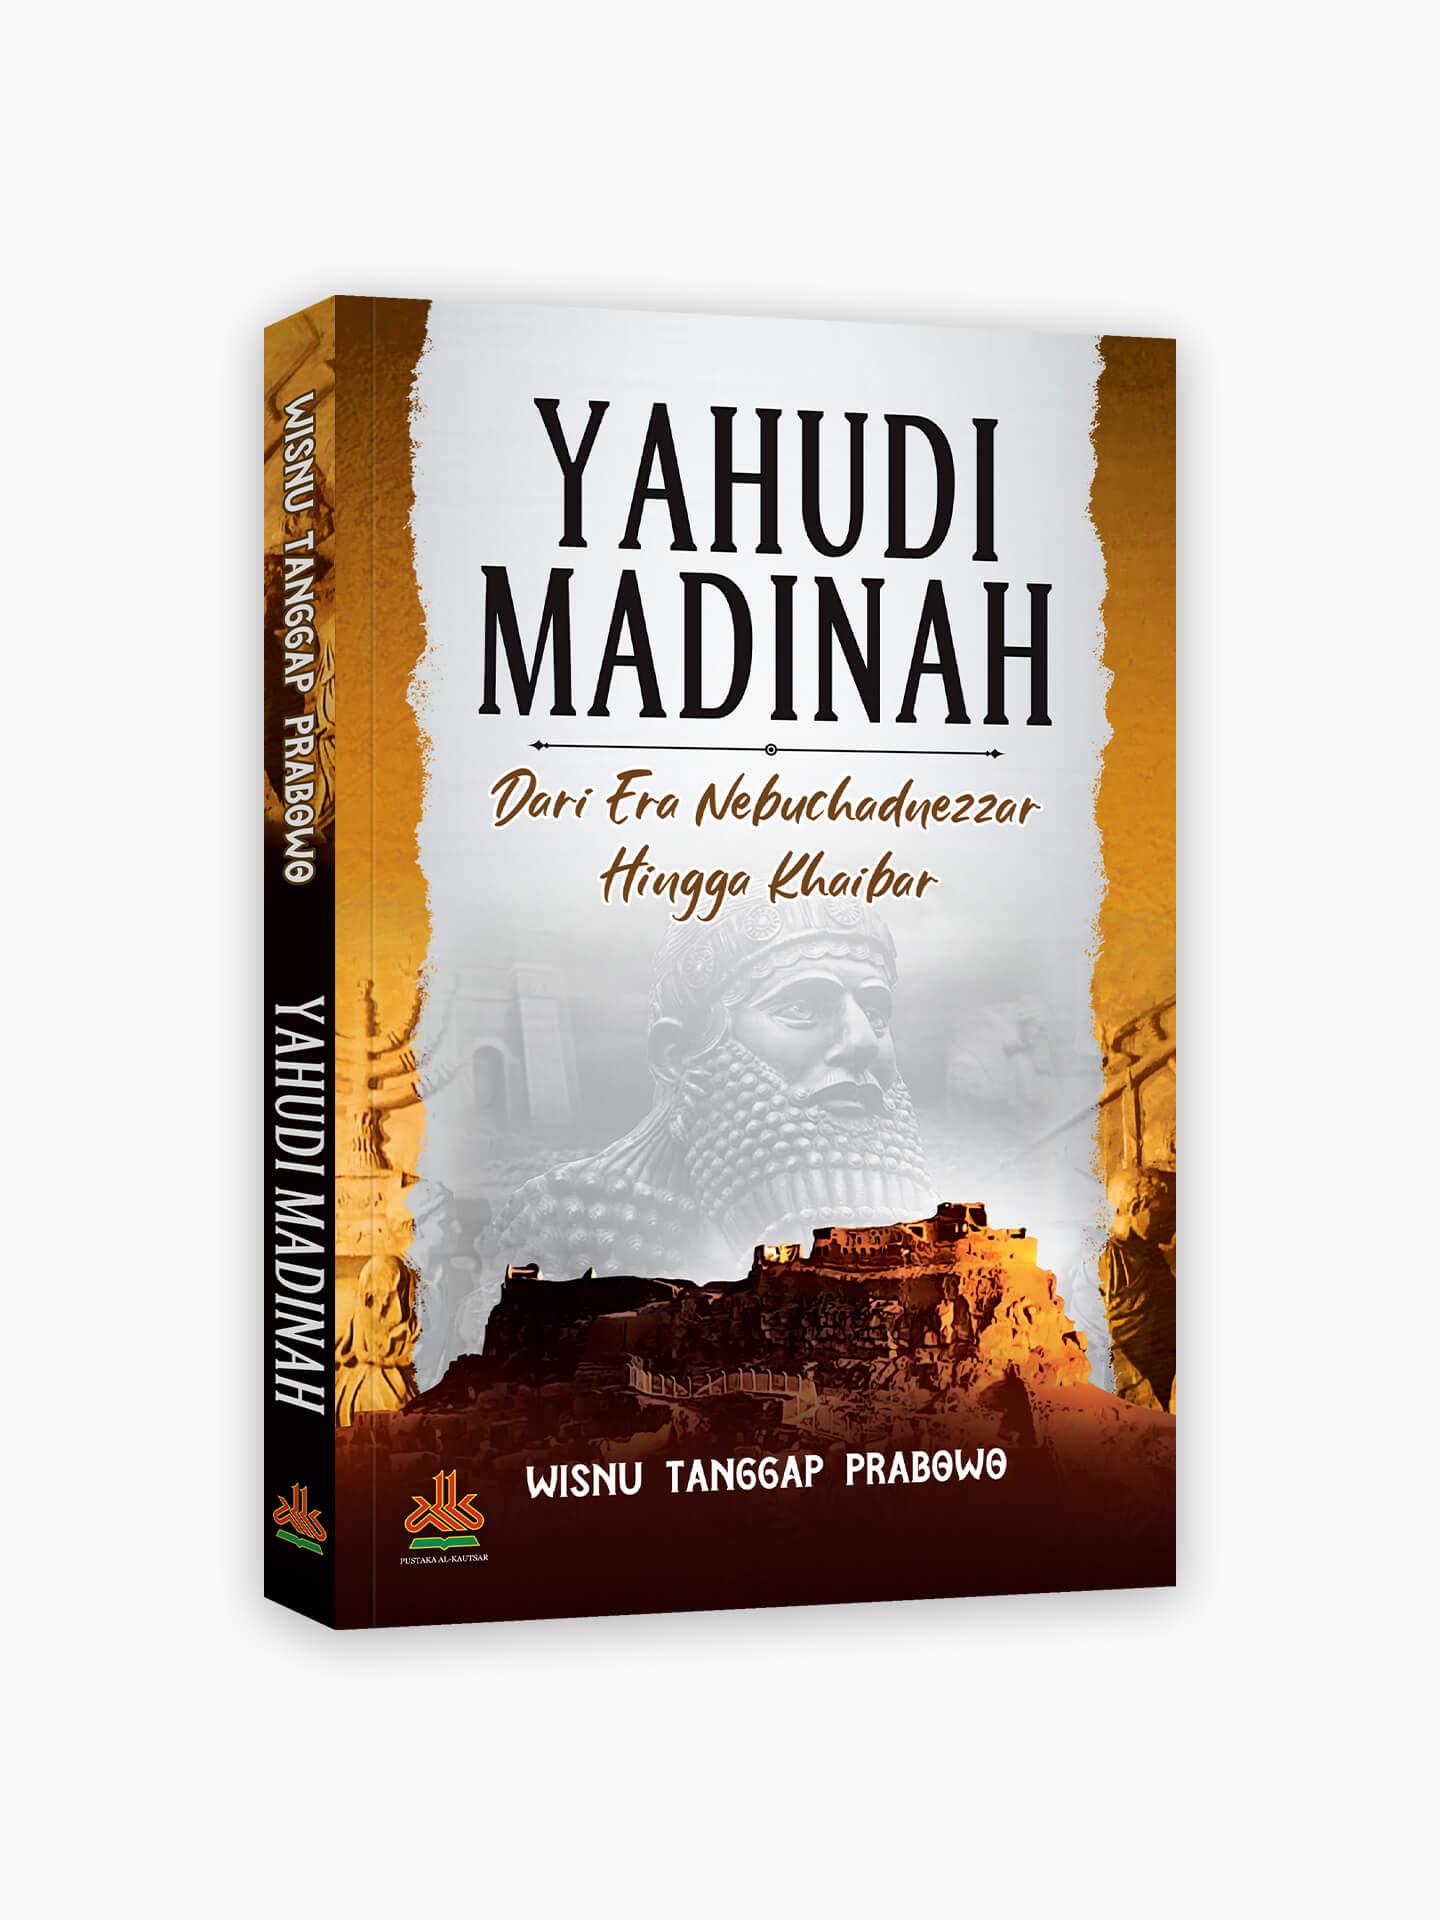 Yahudi Madinah